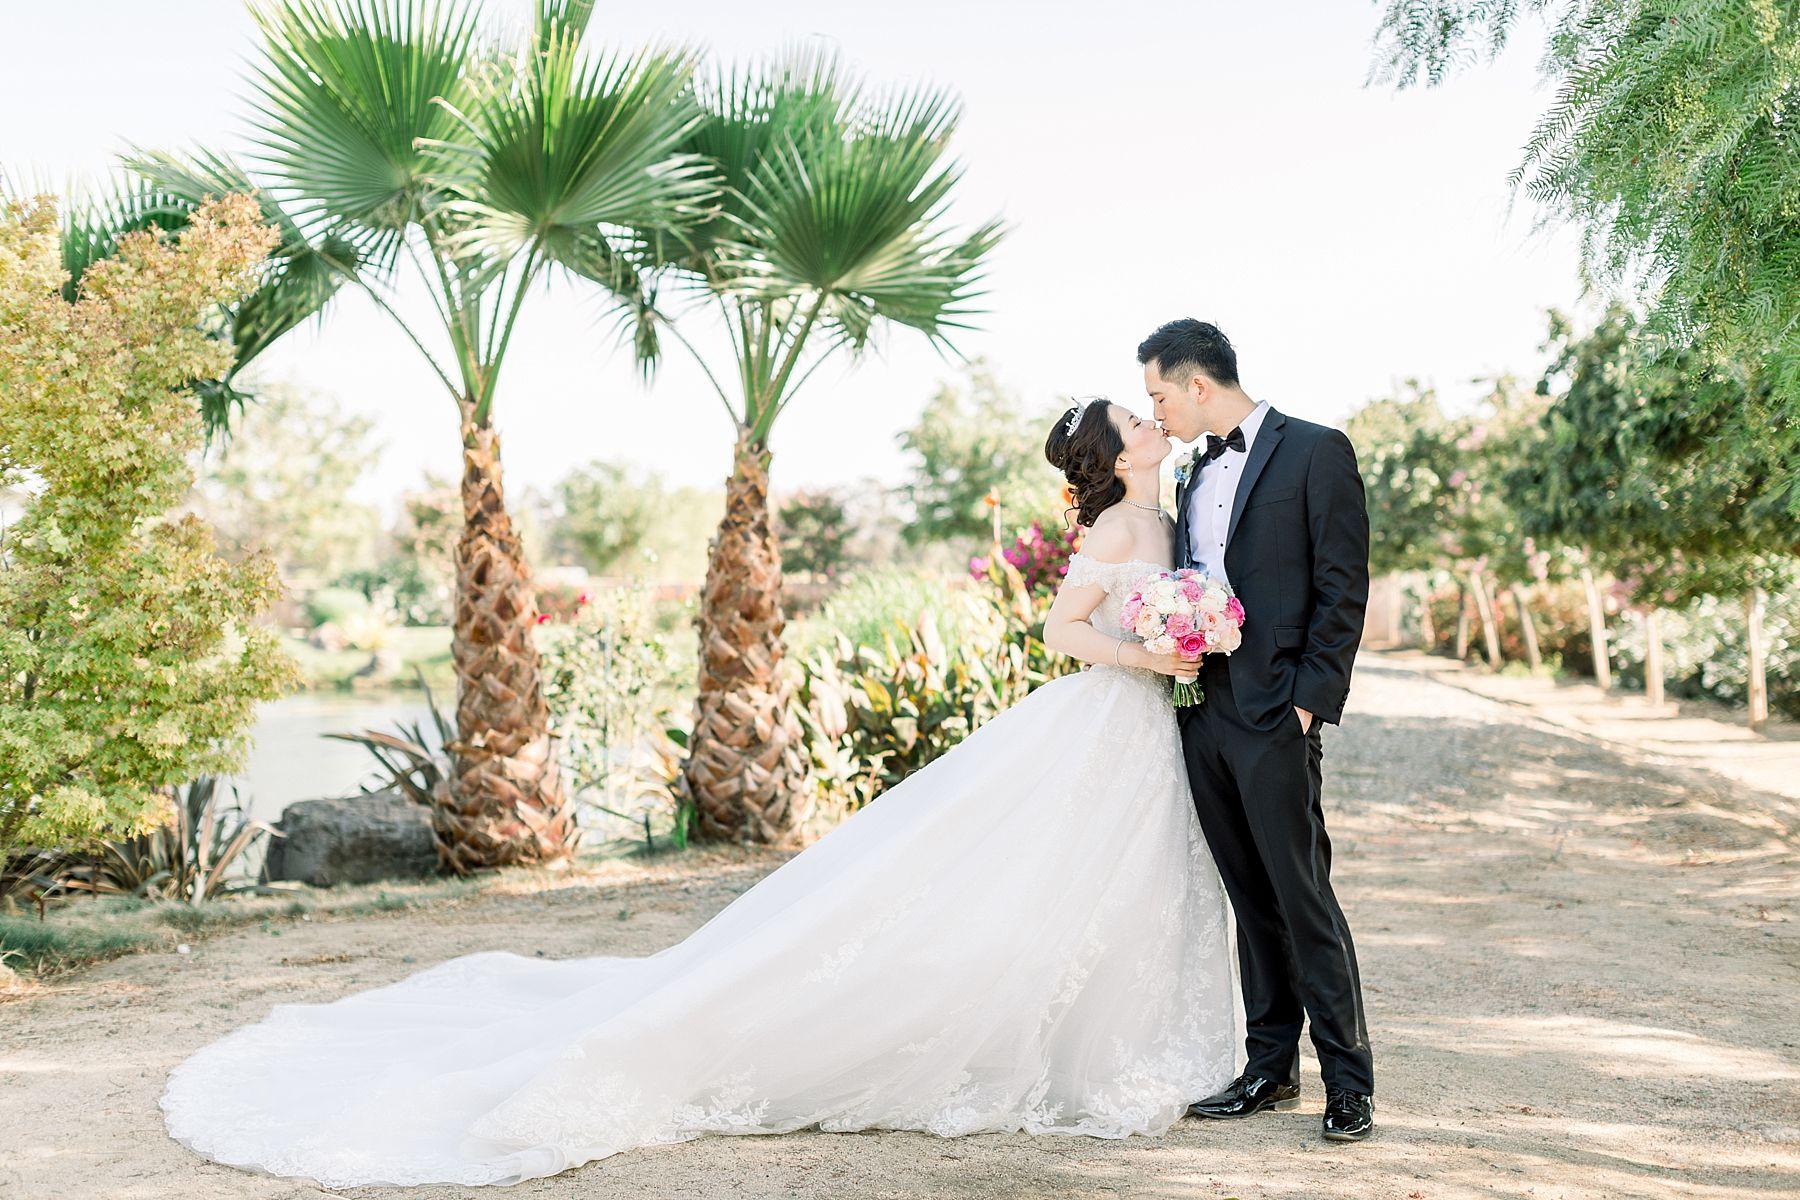 Newberry Estate Vineyards Wedding - Ashley Baumgartner - Jasmine and Johhny - Bay Area Wedding Photographer - Sacramento Wedding Photographer_0022.jpg